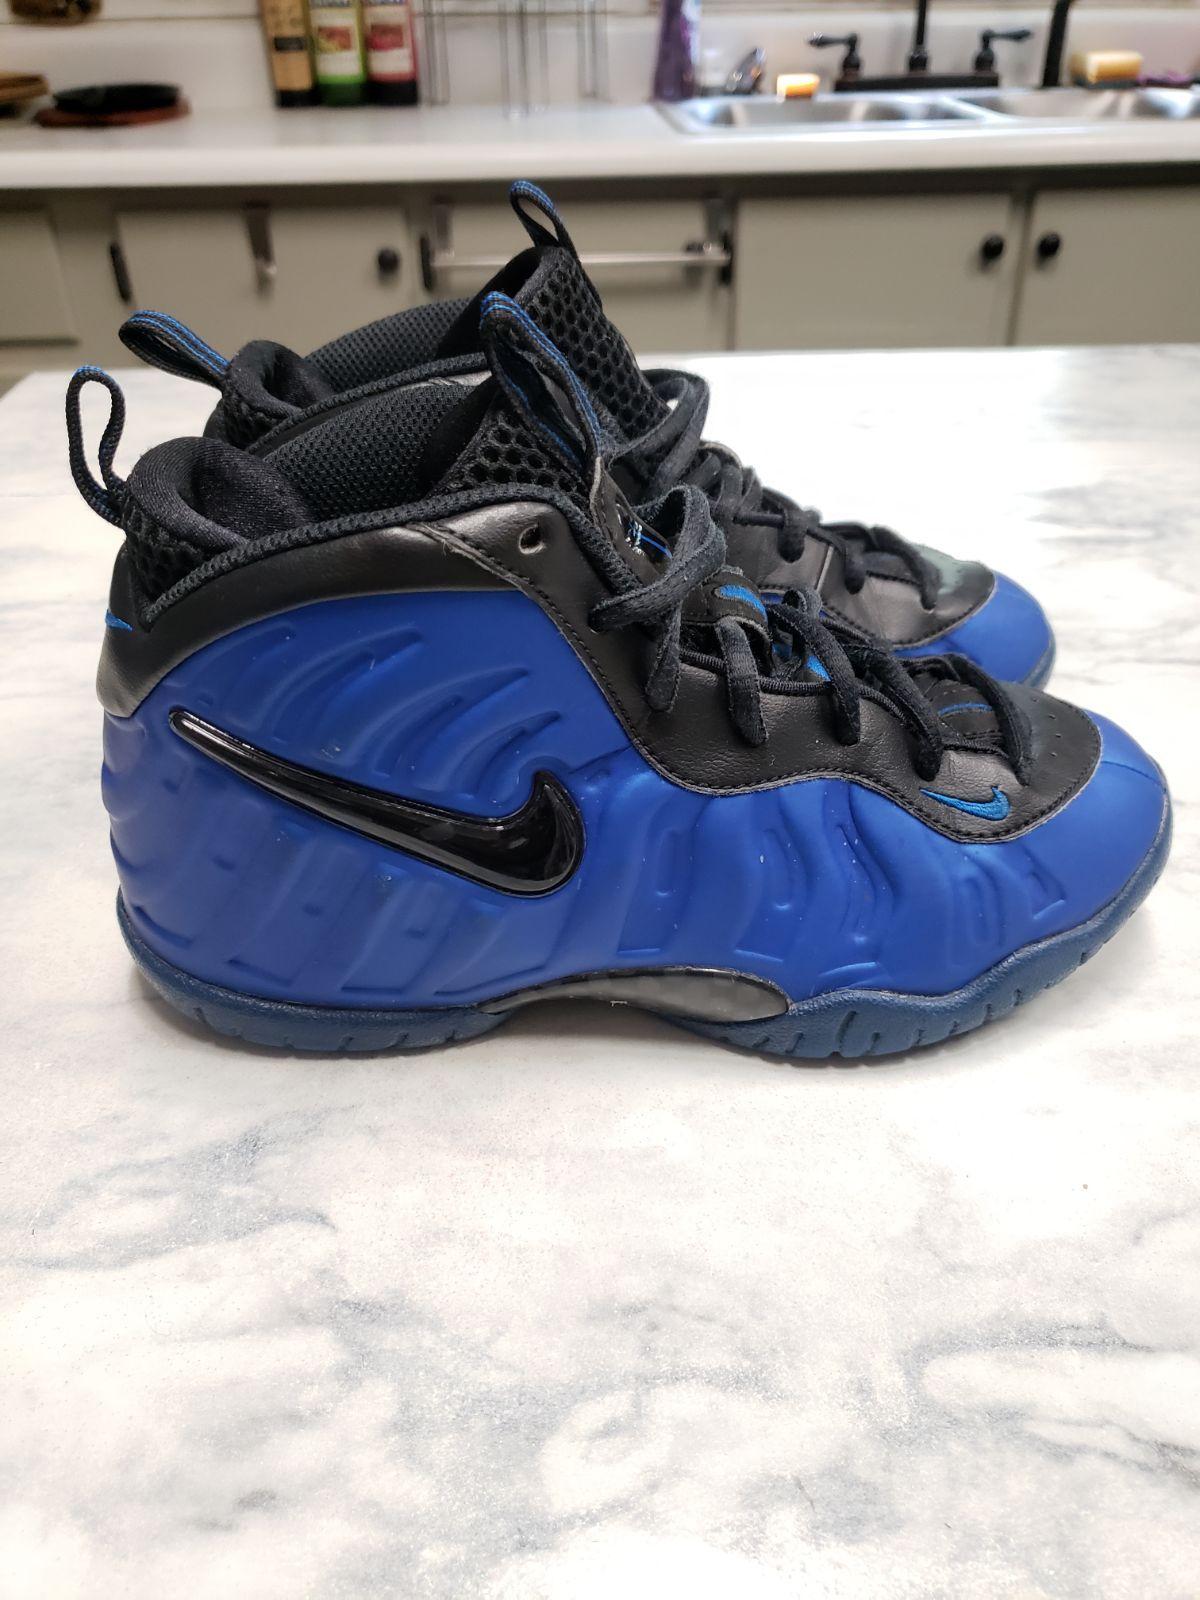 Nike Foamposite size 2y kids Sneakers